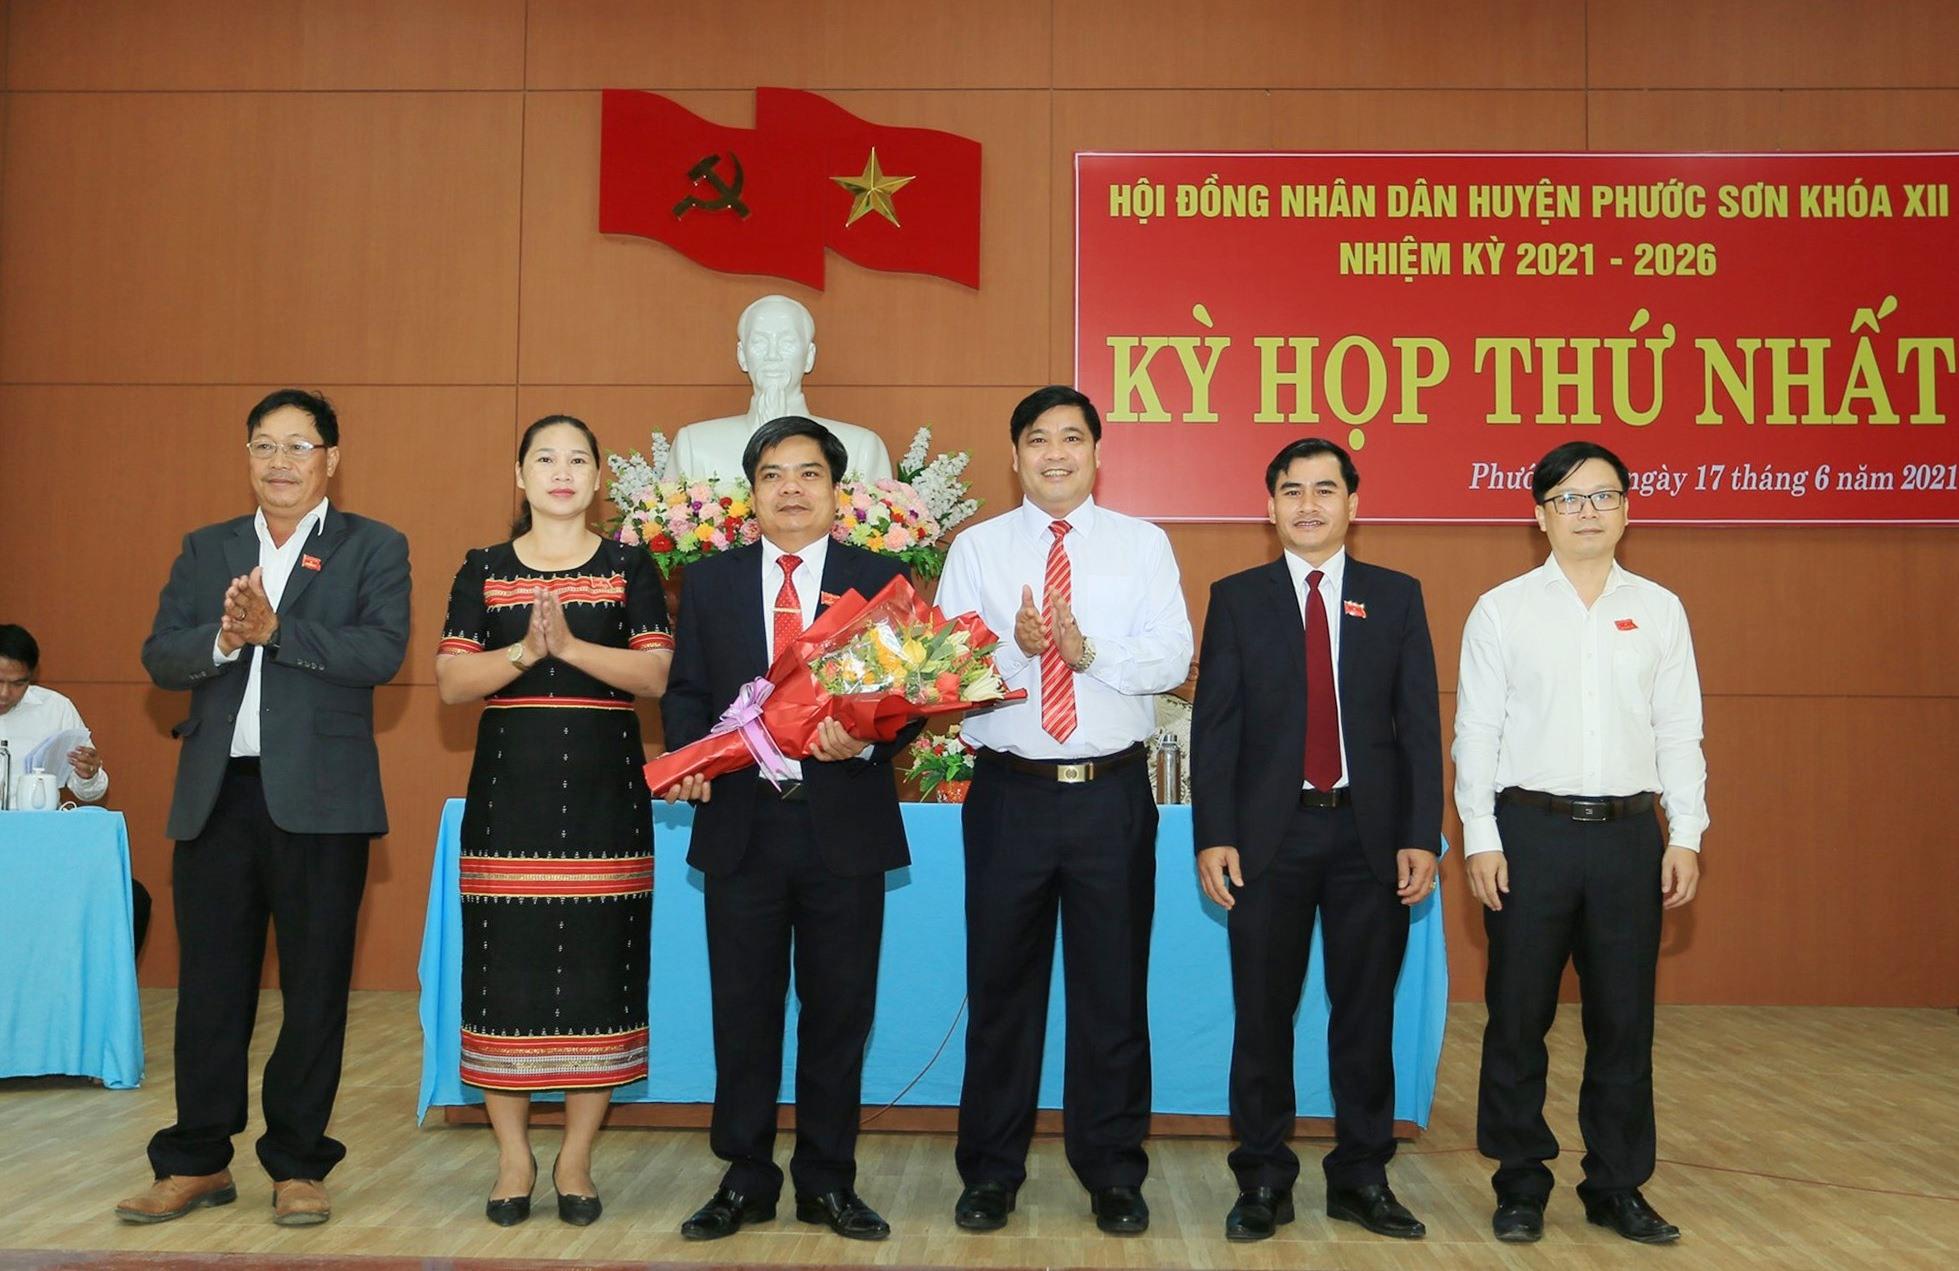 Đồng chí Nguyễn Mạnh Hà tặng hoa chúc mừng các đồng chí tái cử. Ảnh: Q.K